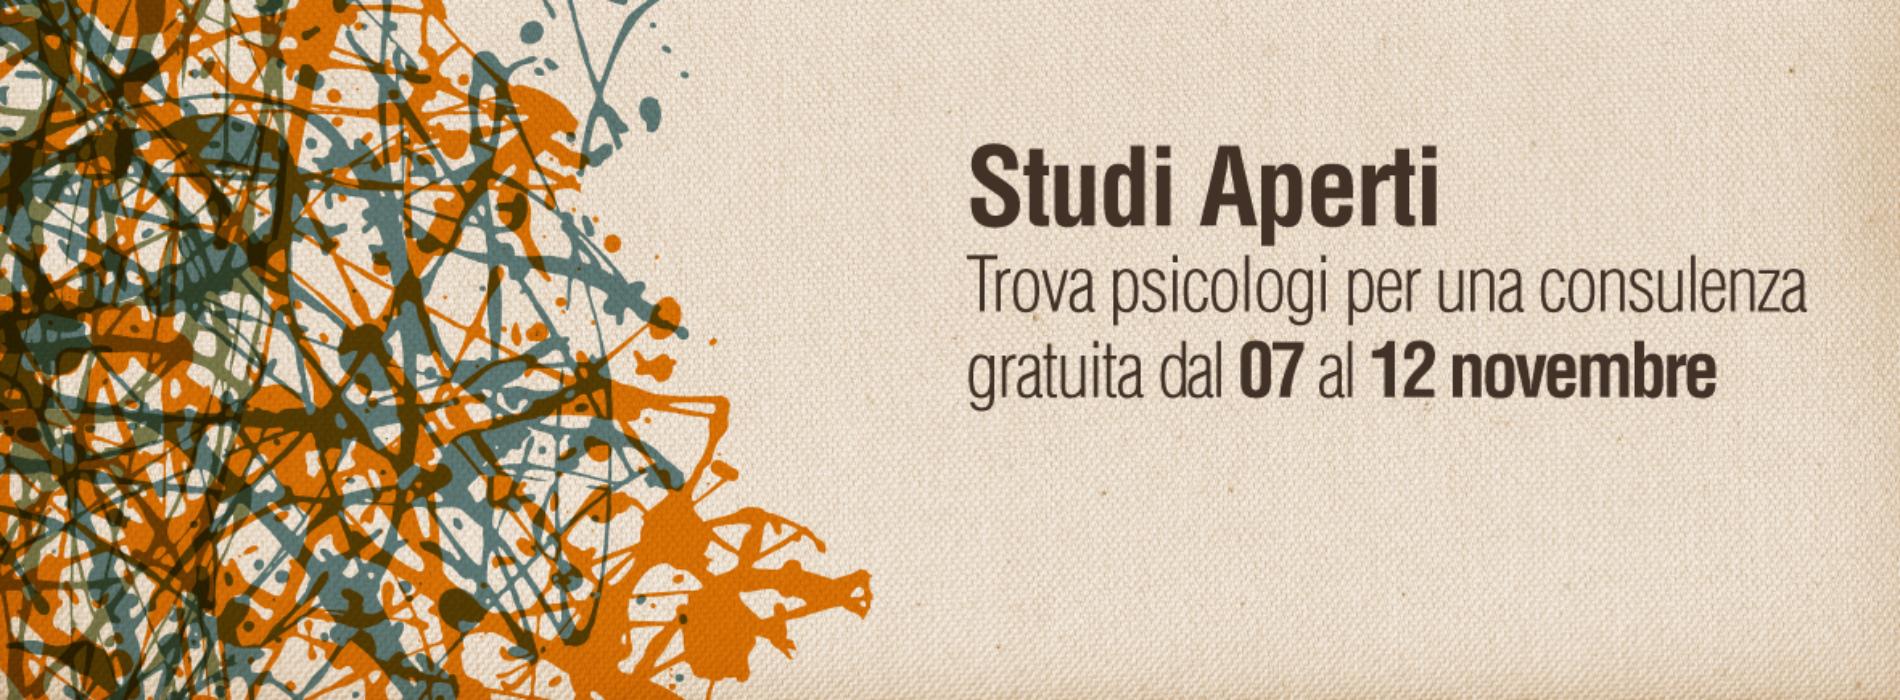 Settimana del Benessere Psicologico: Studi Aperti per una consulenza gratuita